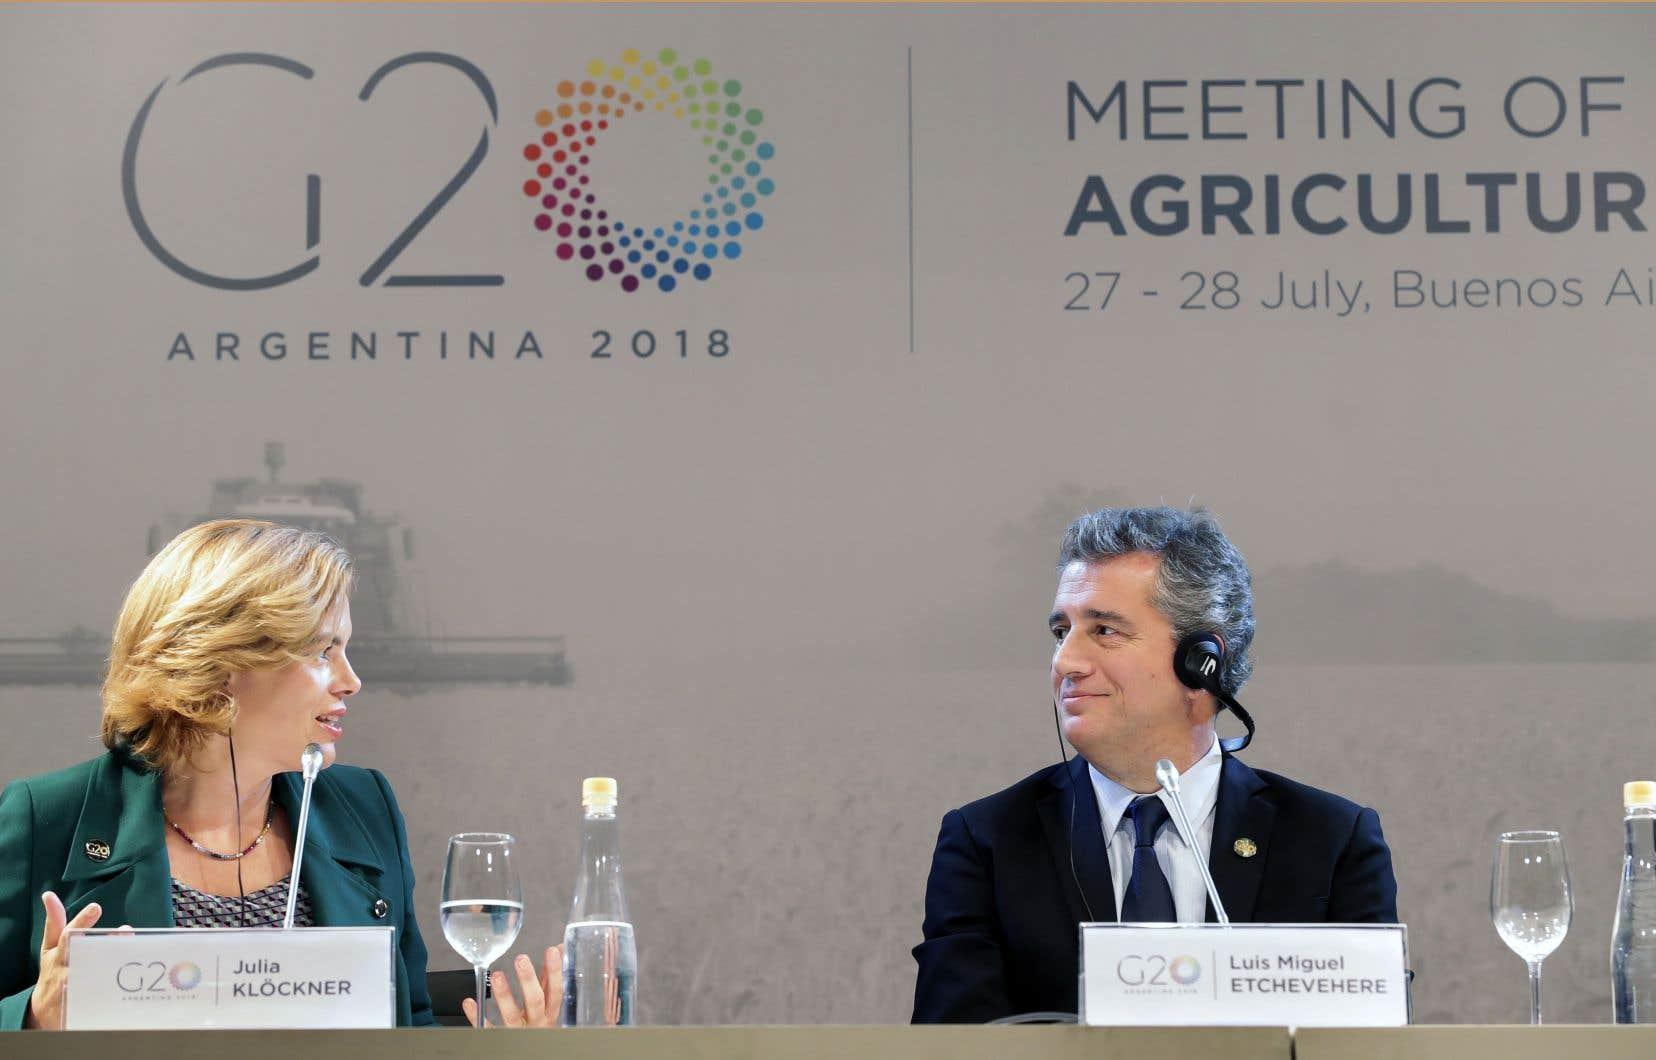 De gauche à droite, la ministre fédérale allemande de l'alimentation, de l'agriculture, et de la protection du consommateur, Julia Klöckner et le ministre argentin de l'industrie agro-alimentaire, Luis Etchevehere, à Buenos Aires.